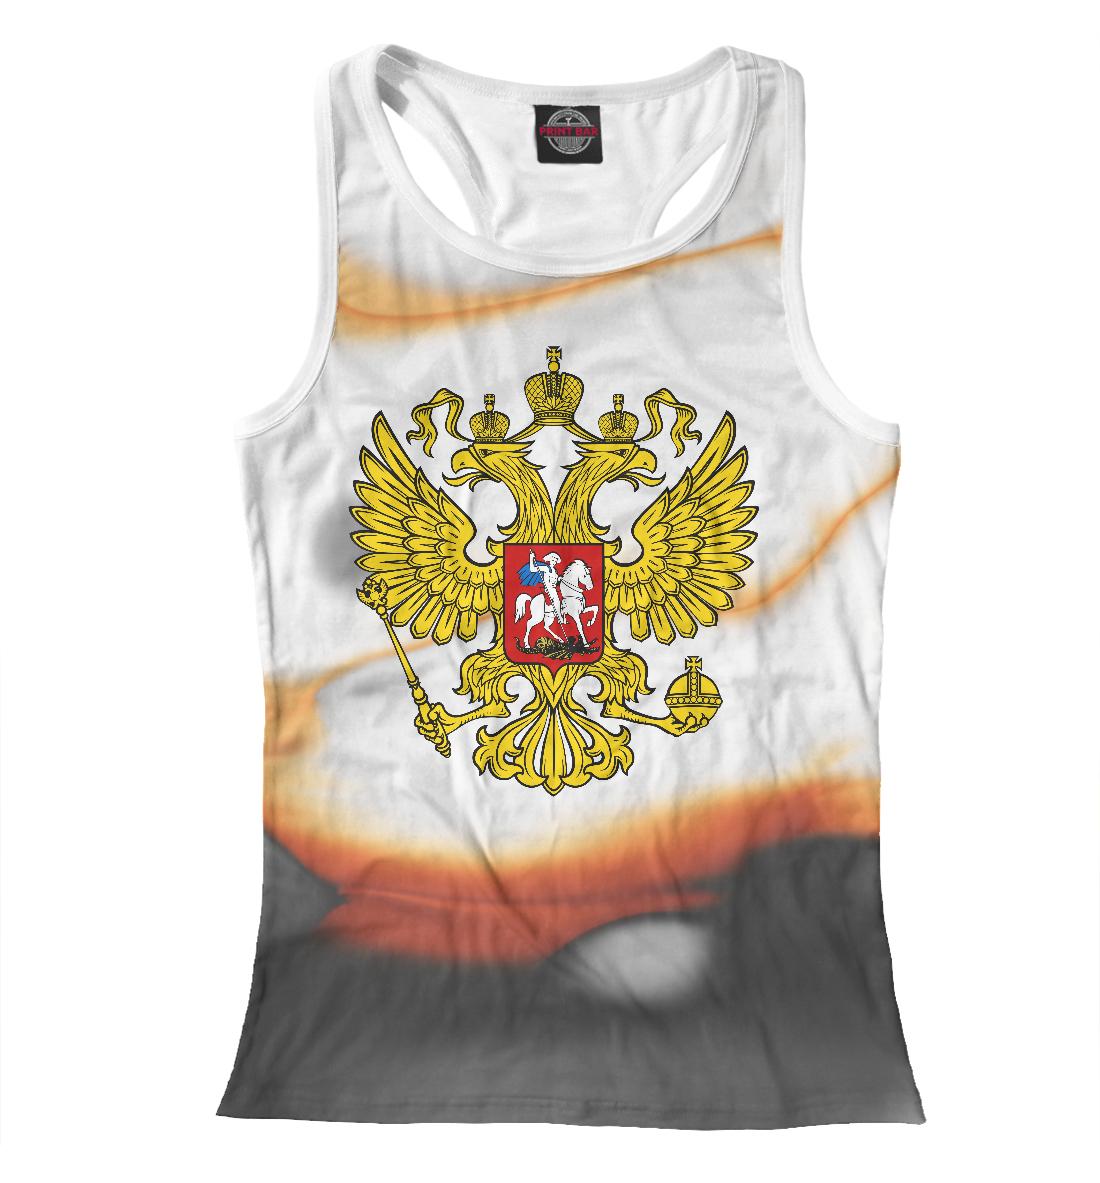 Купить Россия СПОРТ, Printbar, Майки борцовки, SRF-486756-mayb-1